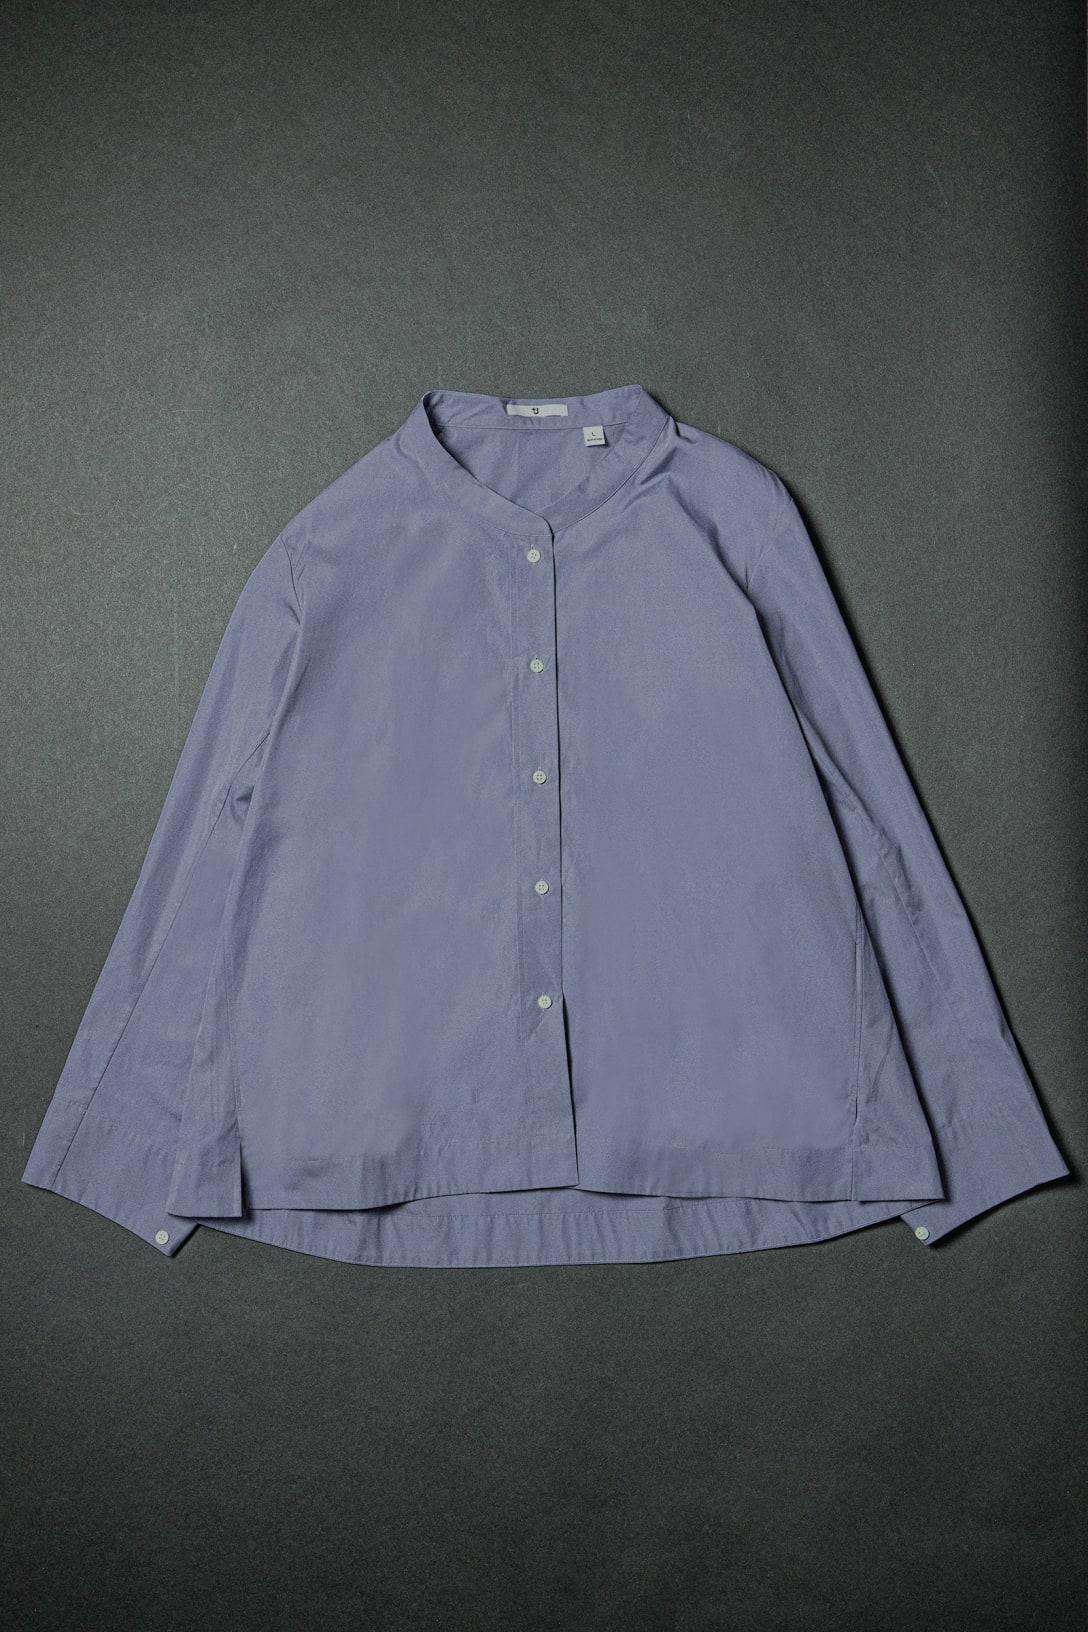 スーピマコットンシャツジャケット 長袖(3990円)